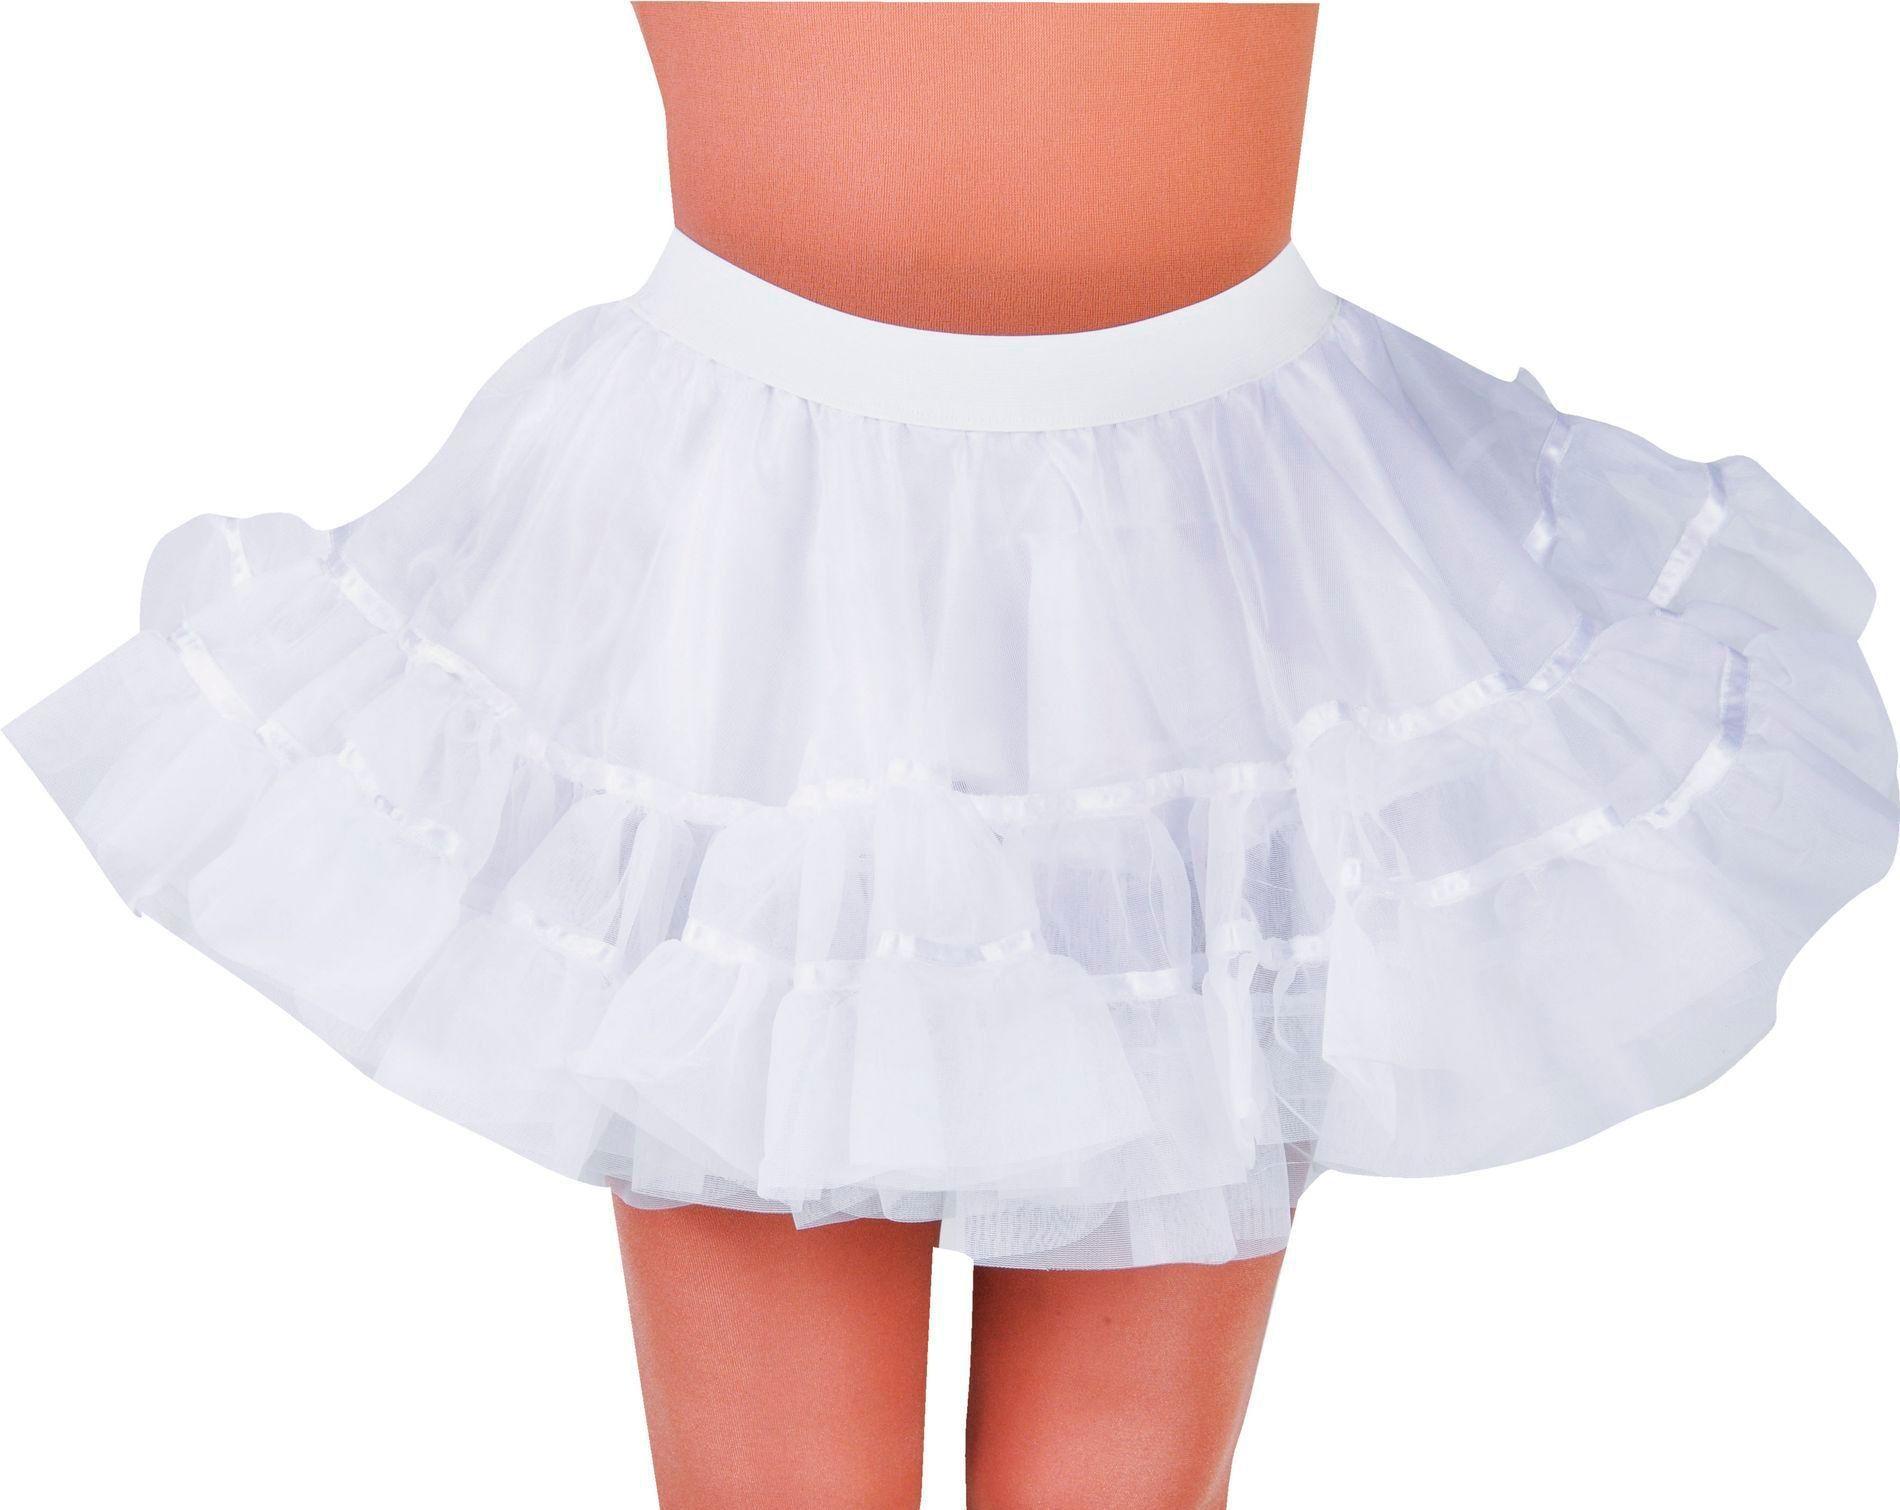 Witte petticoat vrouwen